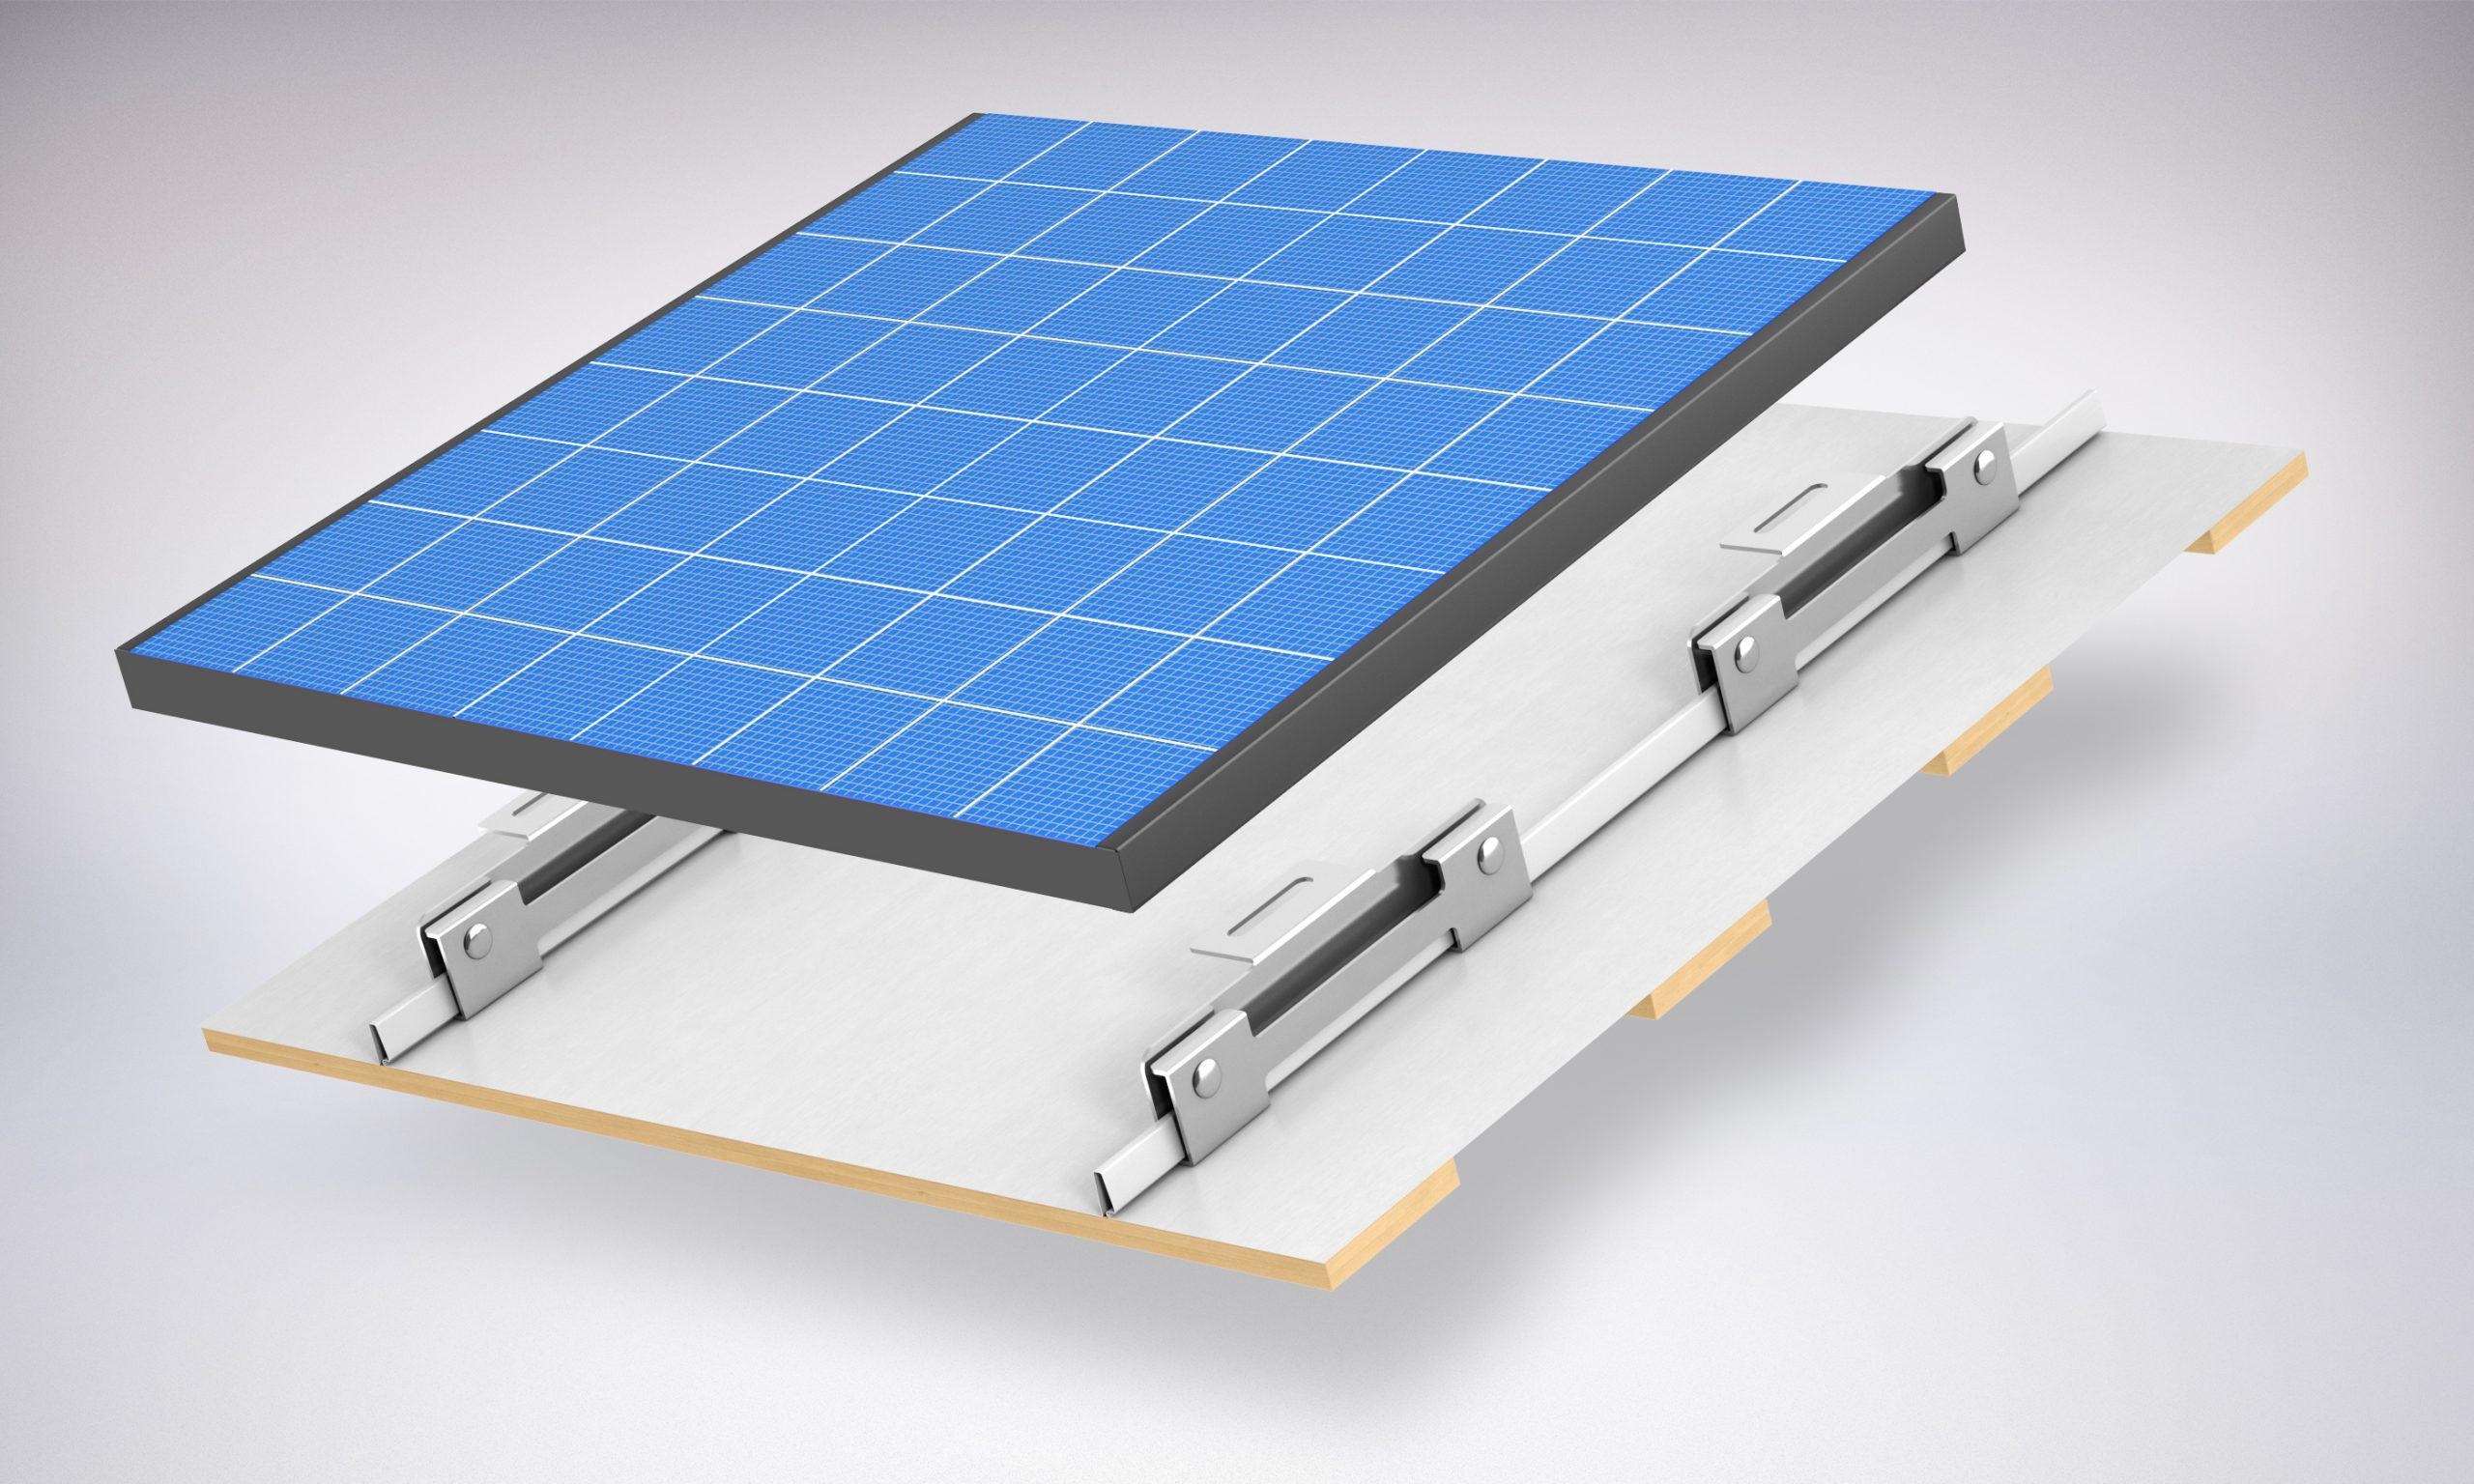 Wspornik do fotowoltaiki i solarów do blach panelowych na rąbek wysoki o wysokości zamka do 46mm. Łatwy i szybki montaż paneli solarnych i fotowoltaicznych na dachu.